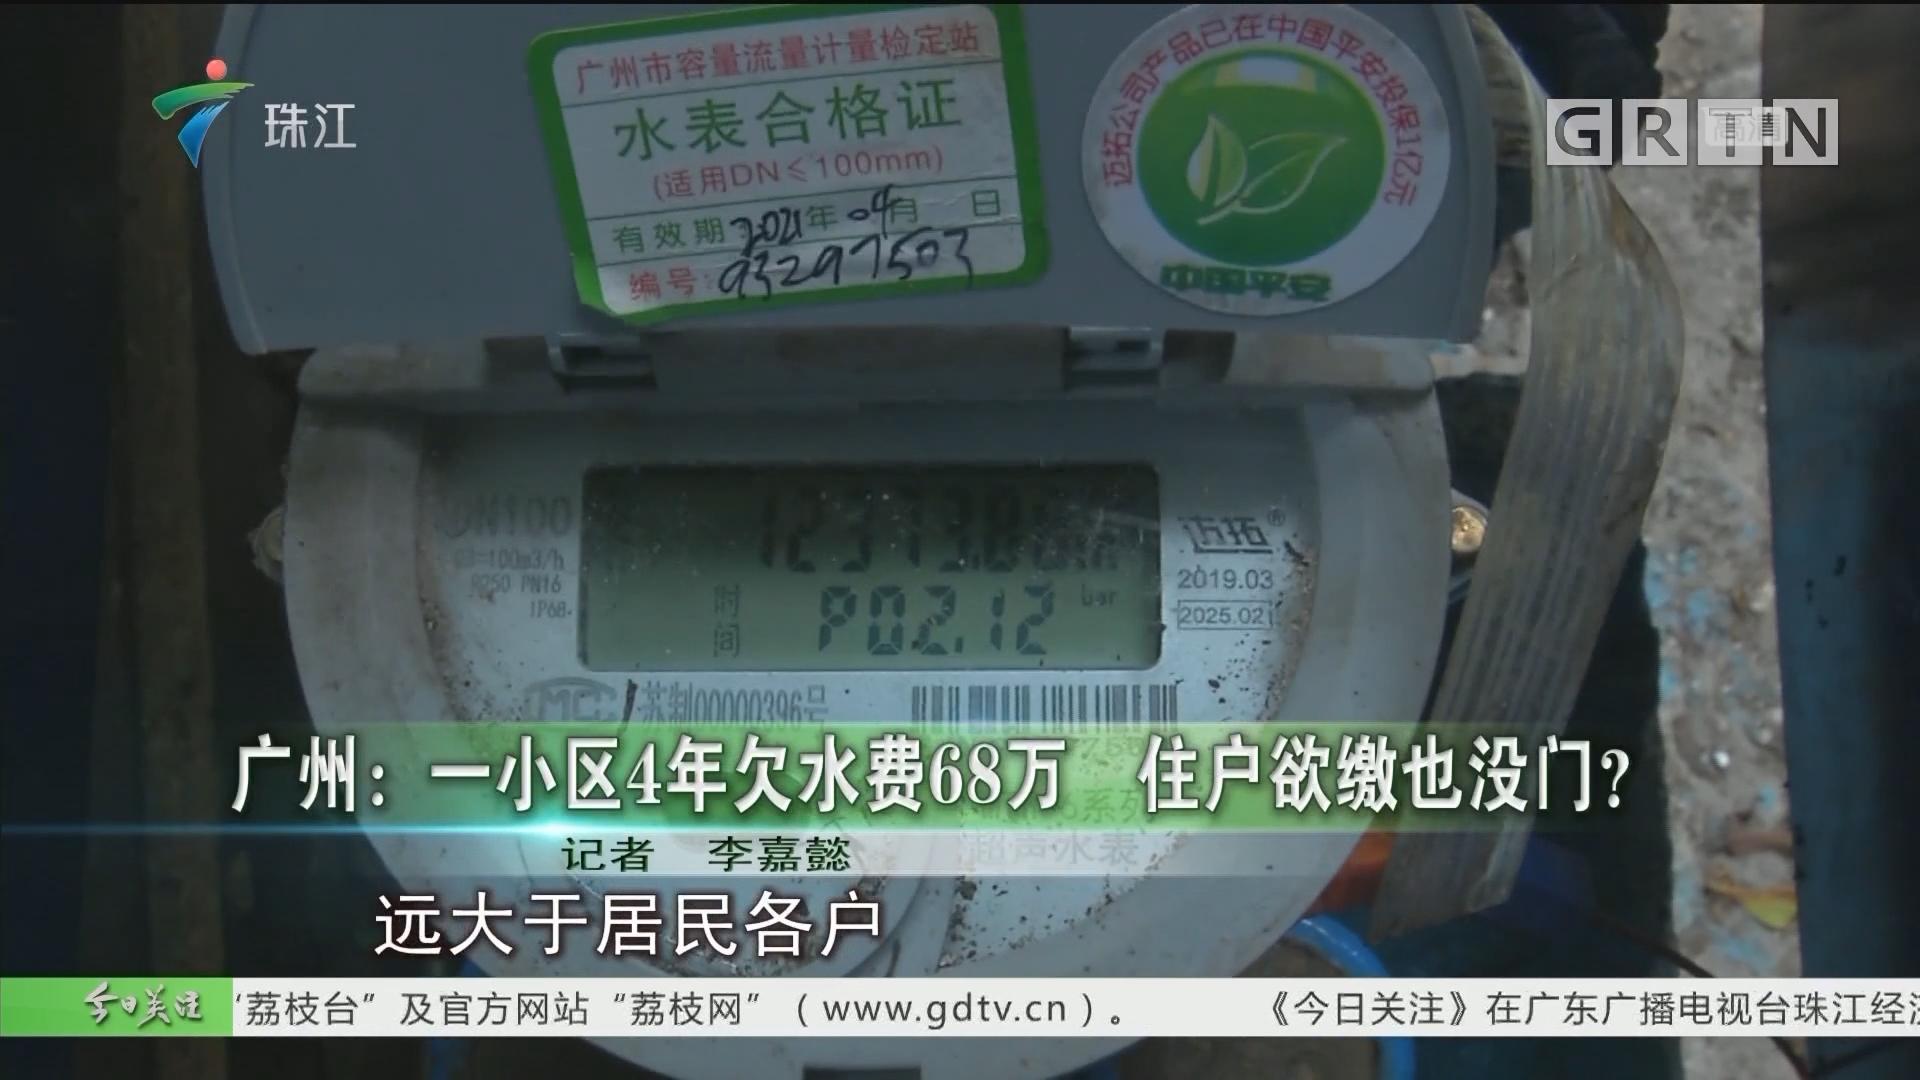 广州:一小区4年欠水费68万 住户欲缴也没门?